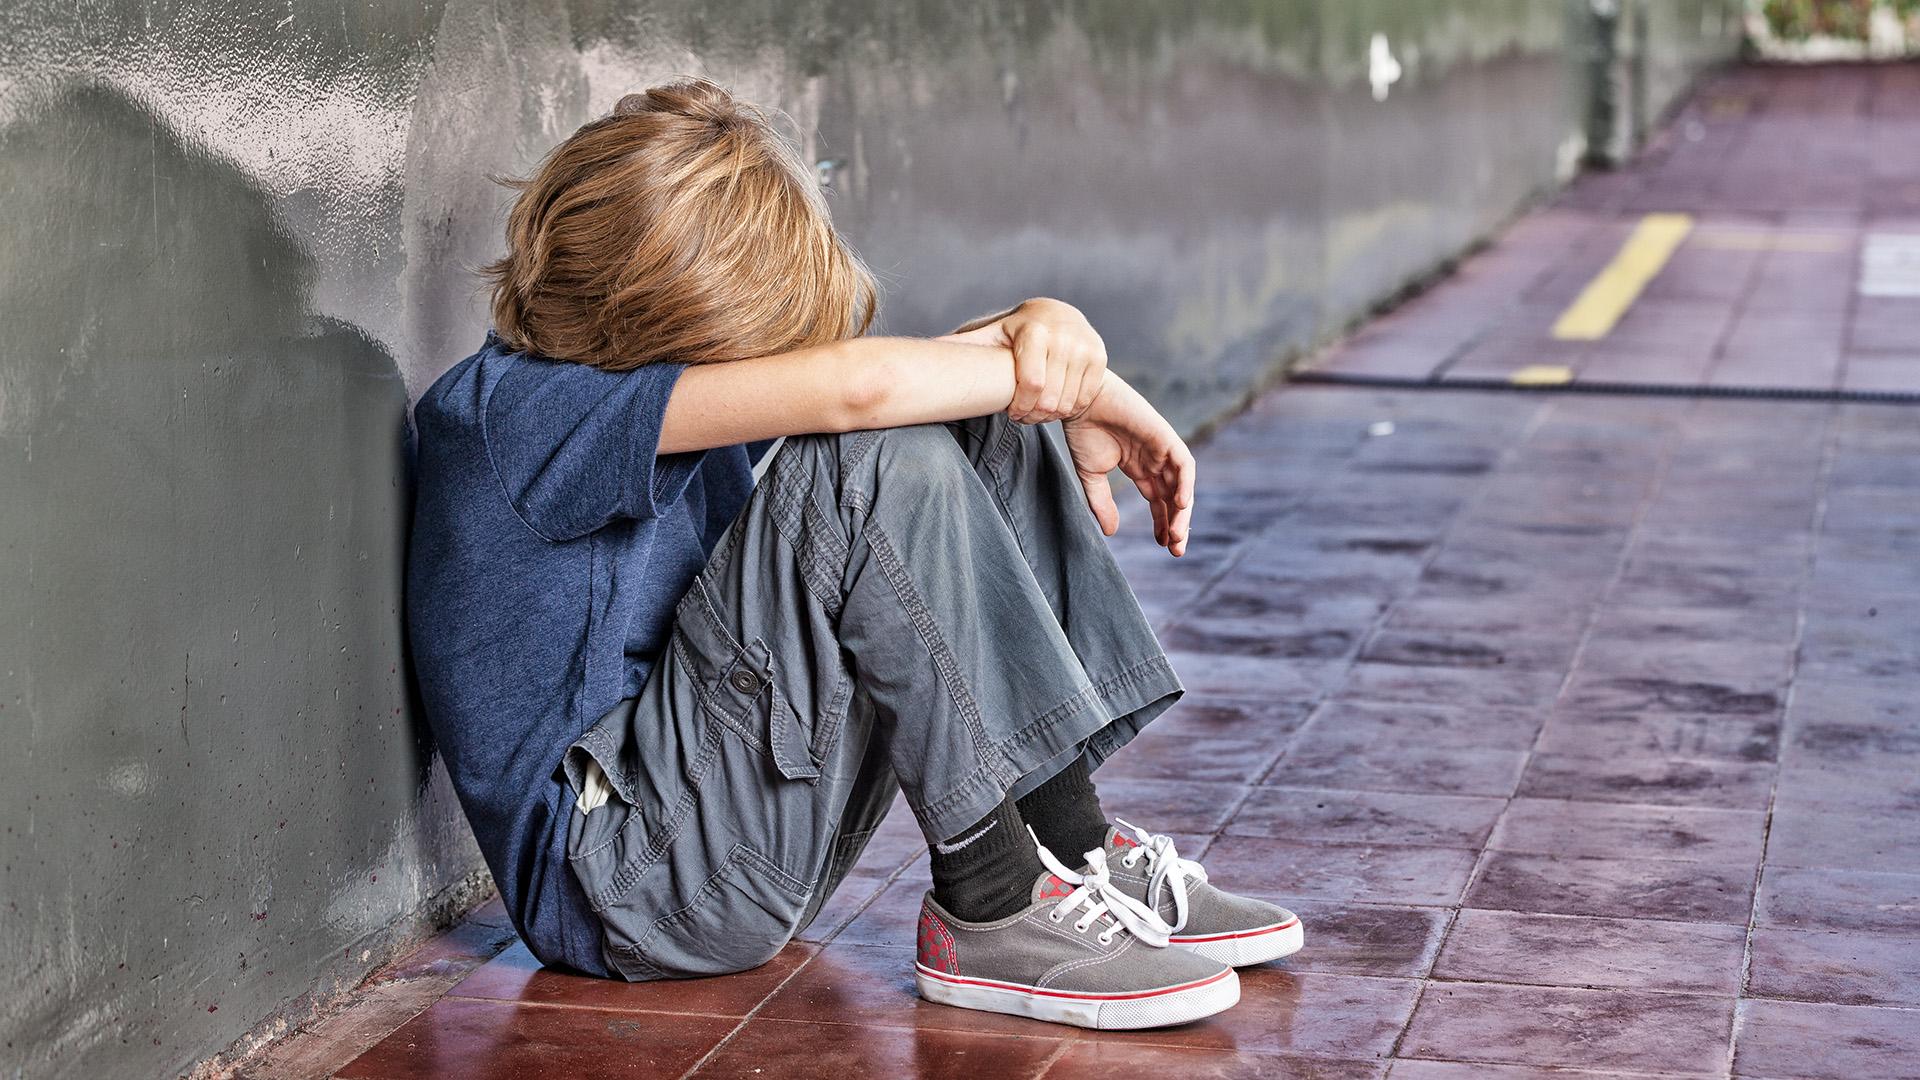 自分よりも弱い者をいじめる心理-心理カウンセリング 空|川越・新宿